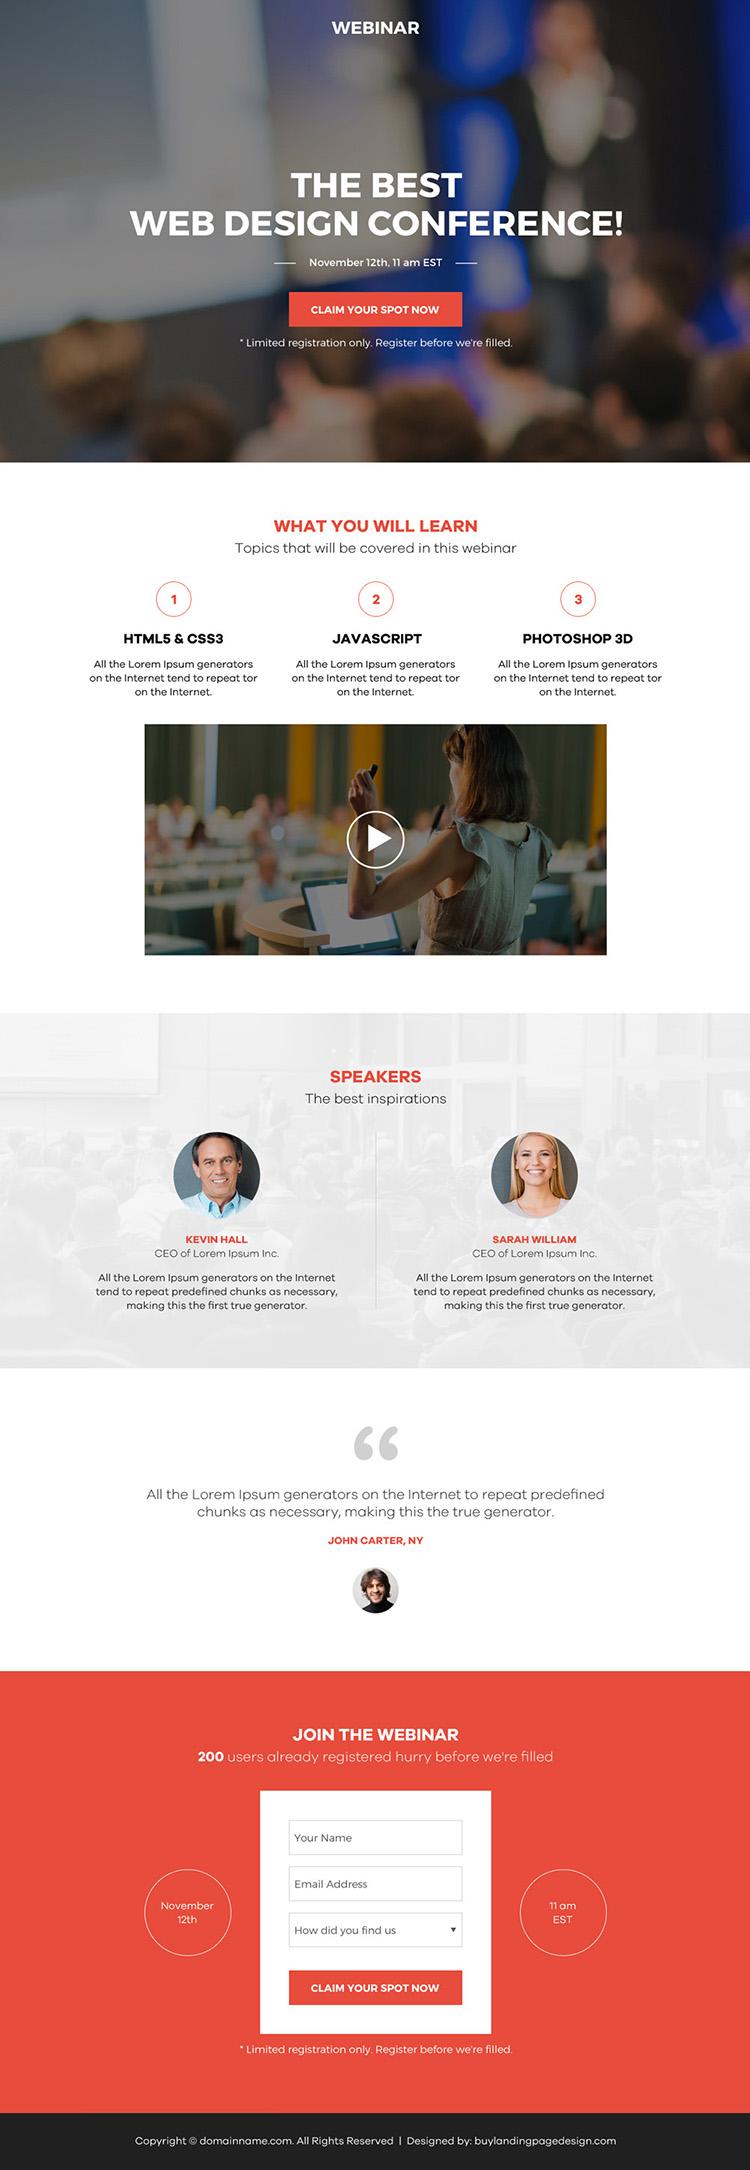 web design conference webinar landing page design